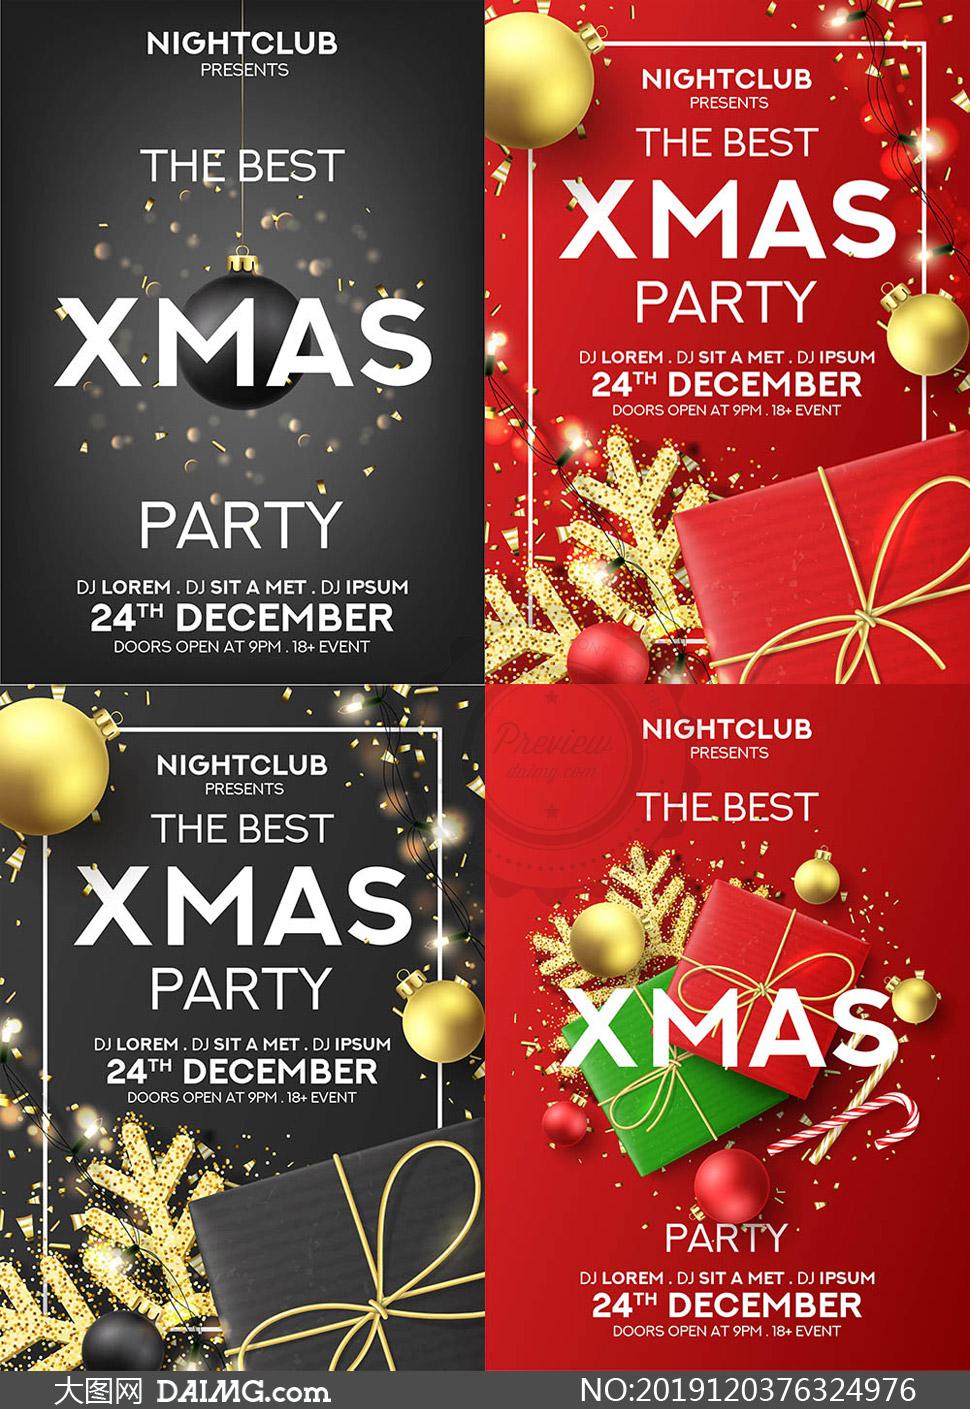 红黑两种配色的圣诞节海报矢量素材